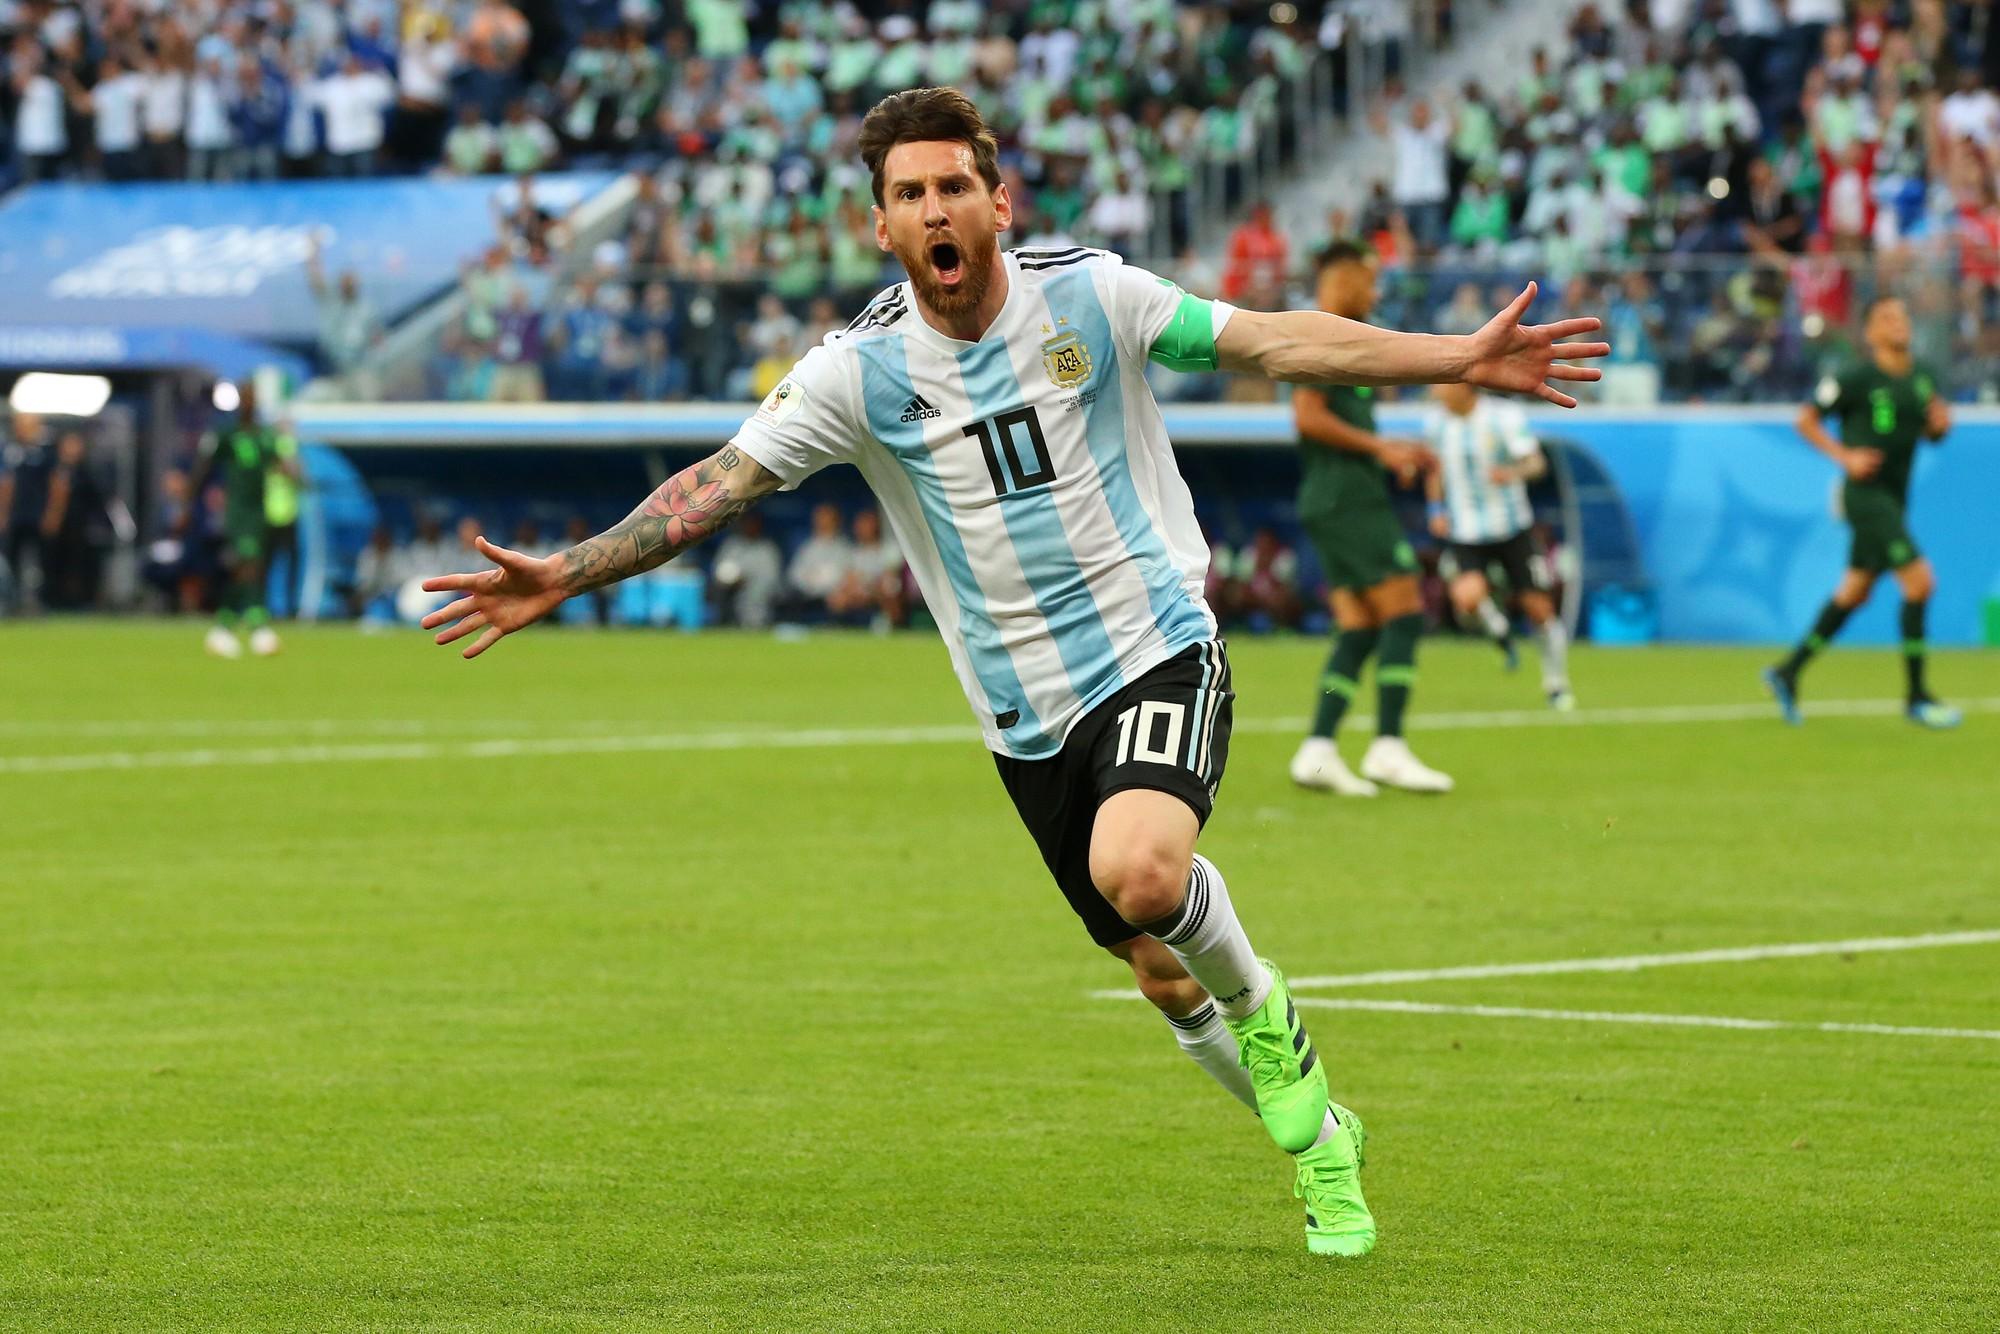 Mbappe của Pháp vô địch World Cup, nhưng Messi mới là cái tên được tế